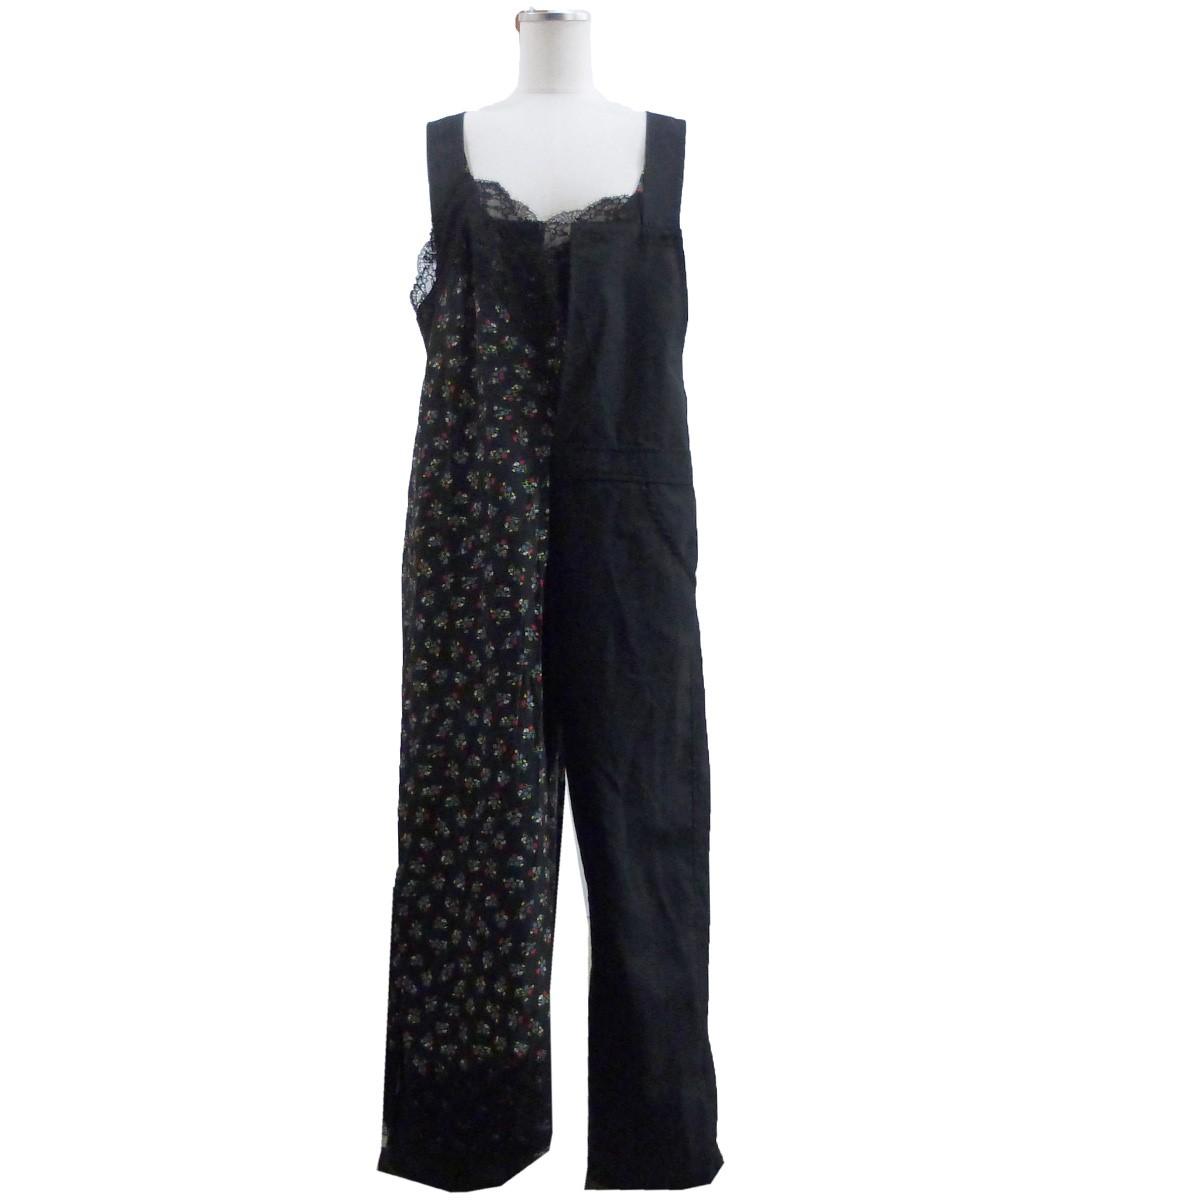 ジュンヤワタナベコムデギャルソン 中古 JUNYA WATANABE COMME des GARCONS 高品質 091220 売り込み ブラック サイズ:XS スカーフ付オールインワン 19AW